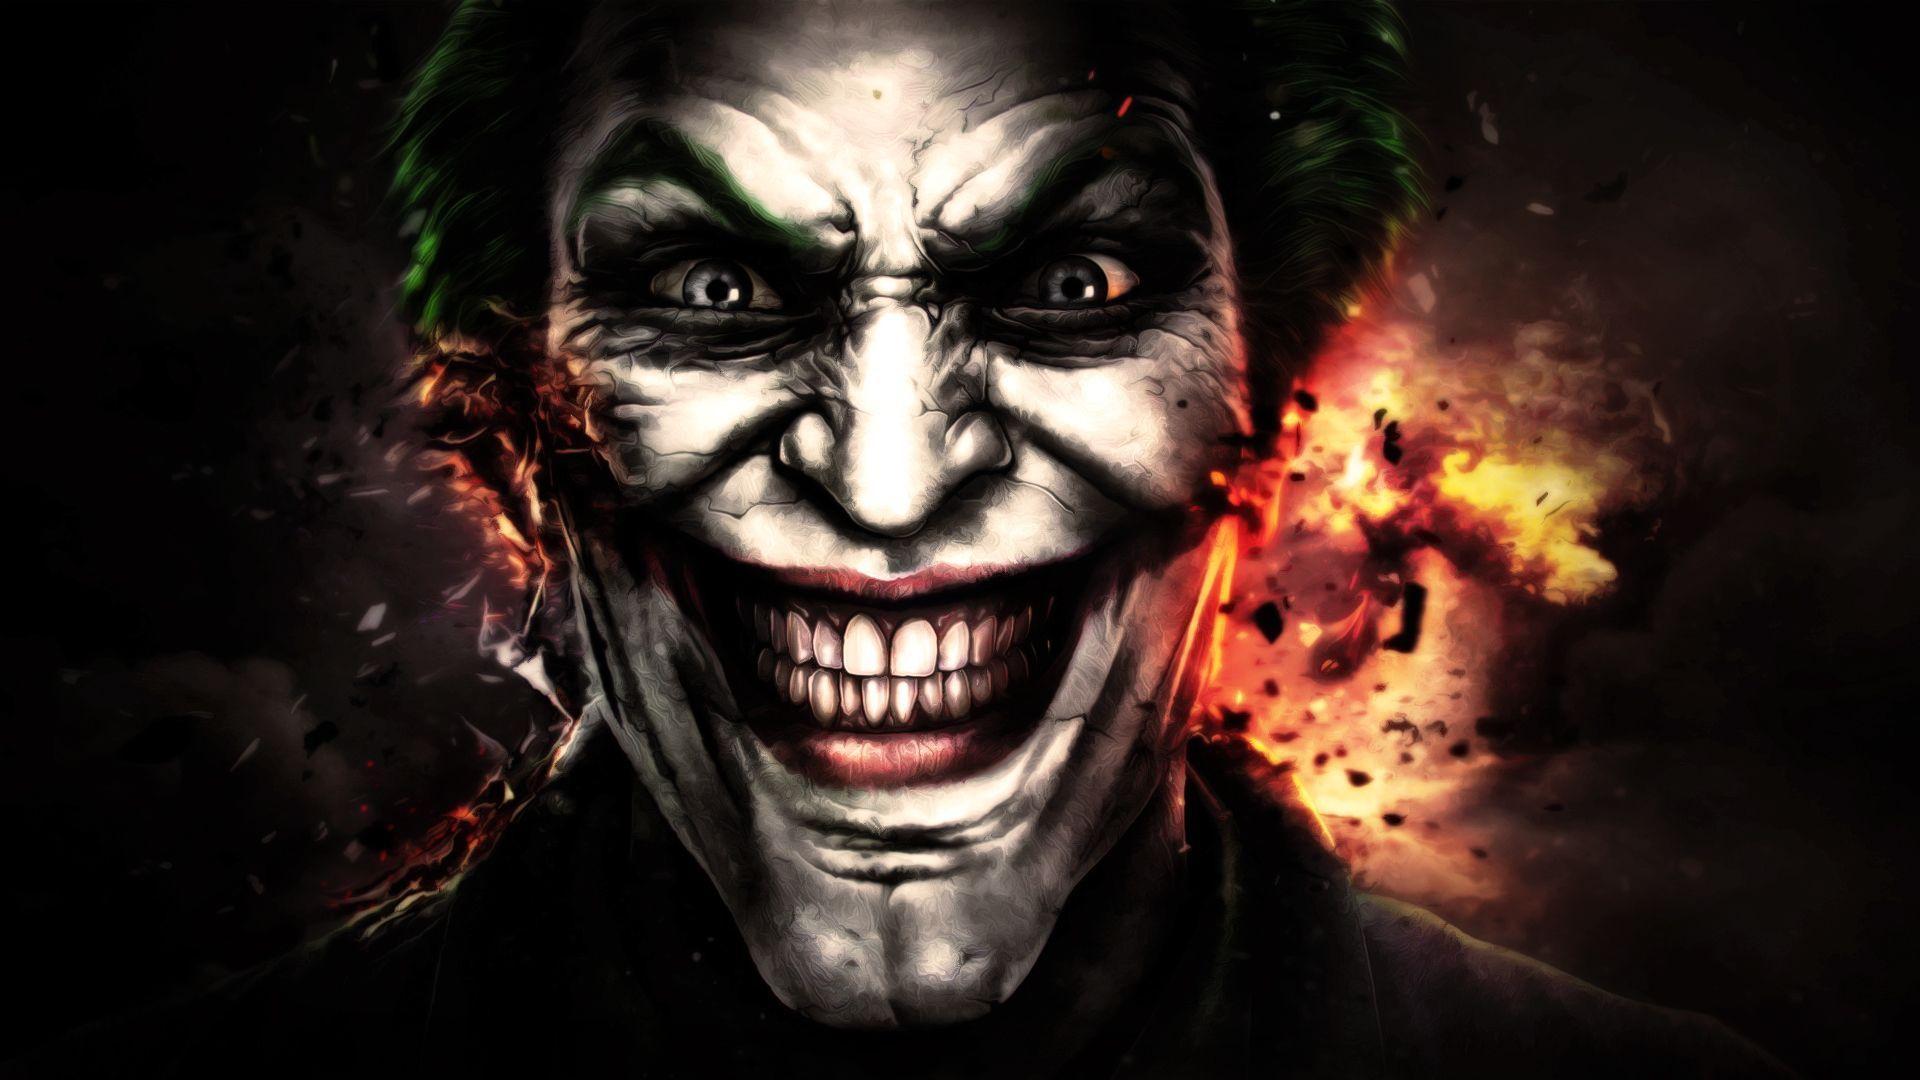 scary joker face